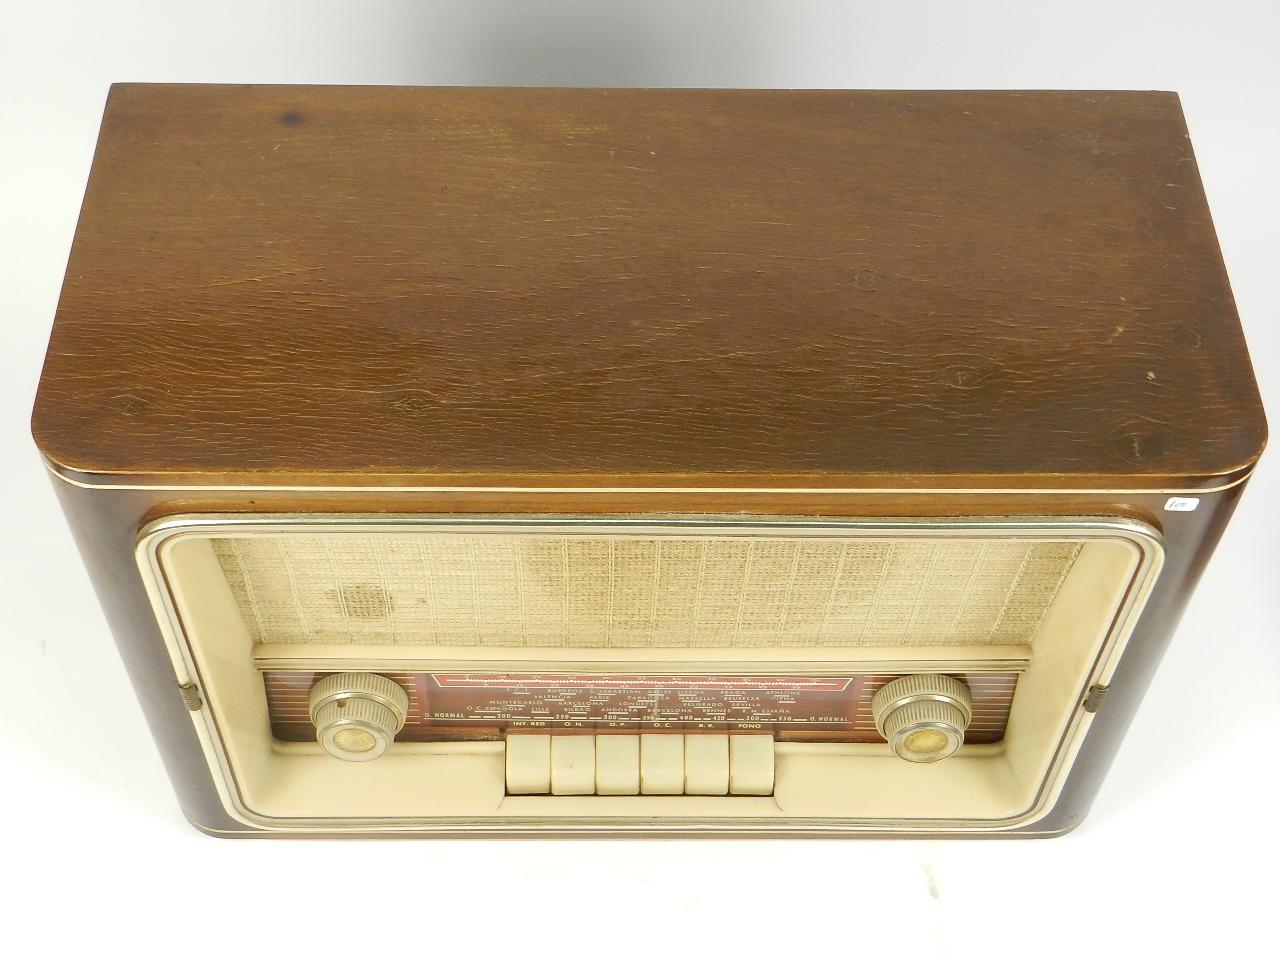 Imagen RADIO ANTIGUA AÑO 1958 29484